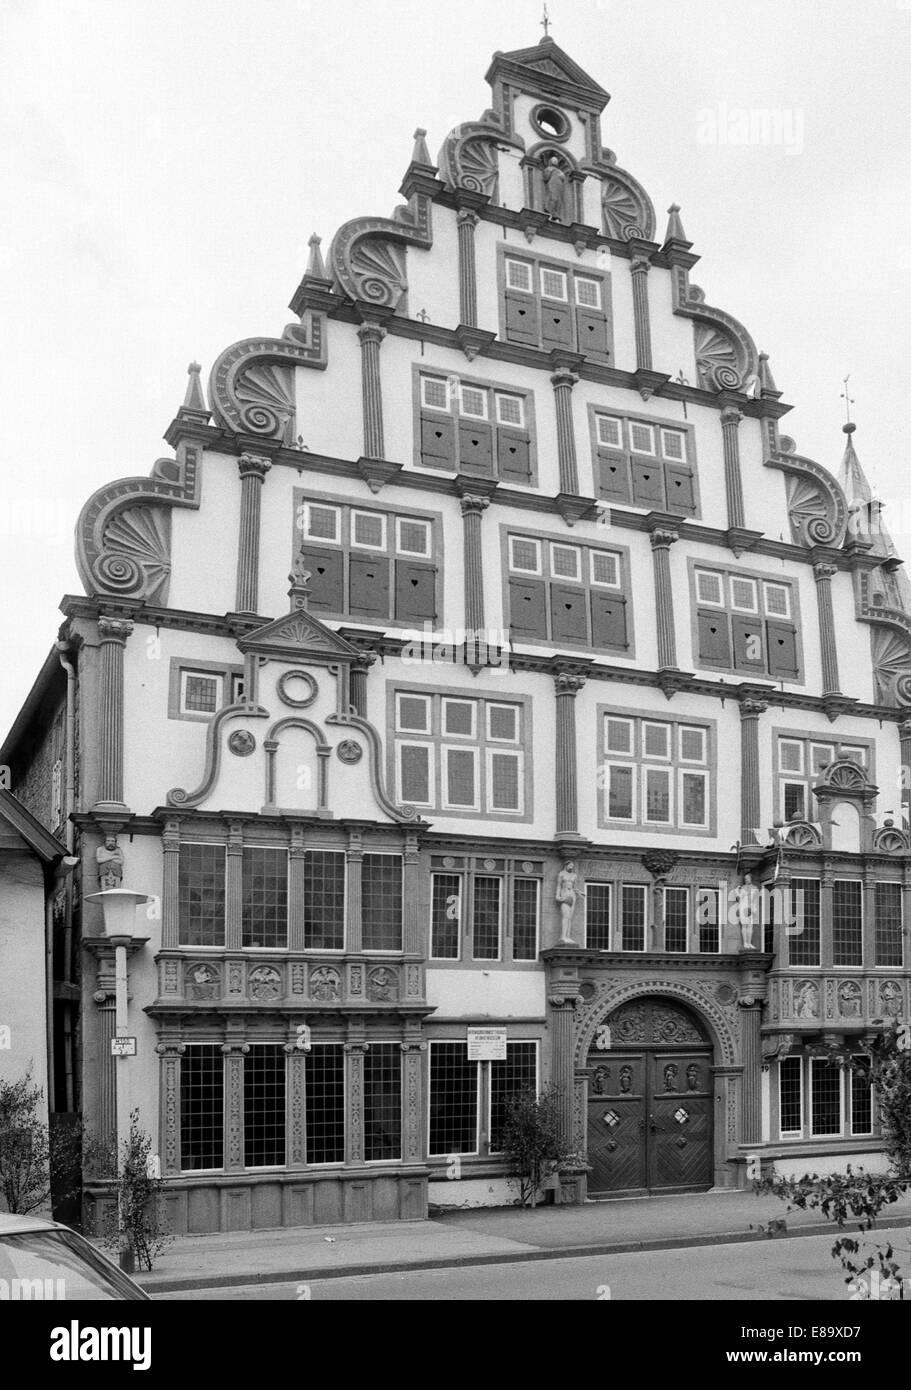 Achtziger Jahre, Hexenbuergermeisterhaus zur Erinnerung an die Hexenverfolgung im Mittelalter, Heimatmuseum, Weserrenaissance, - Stock Image